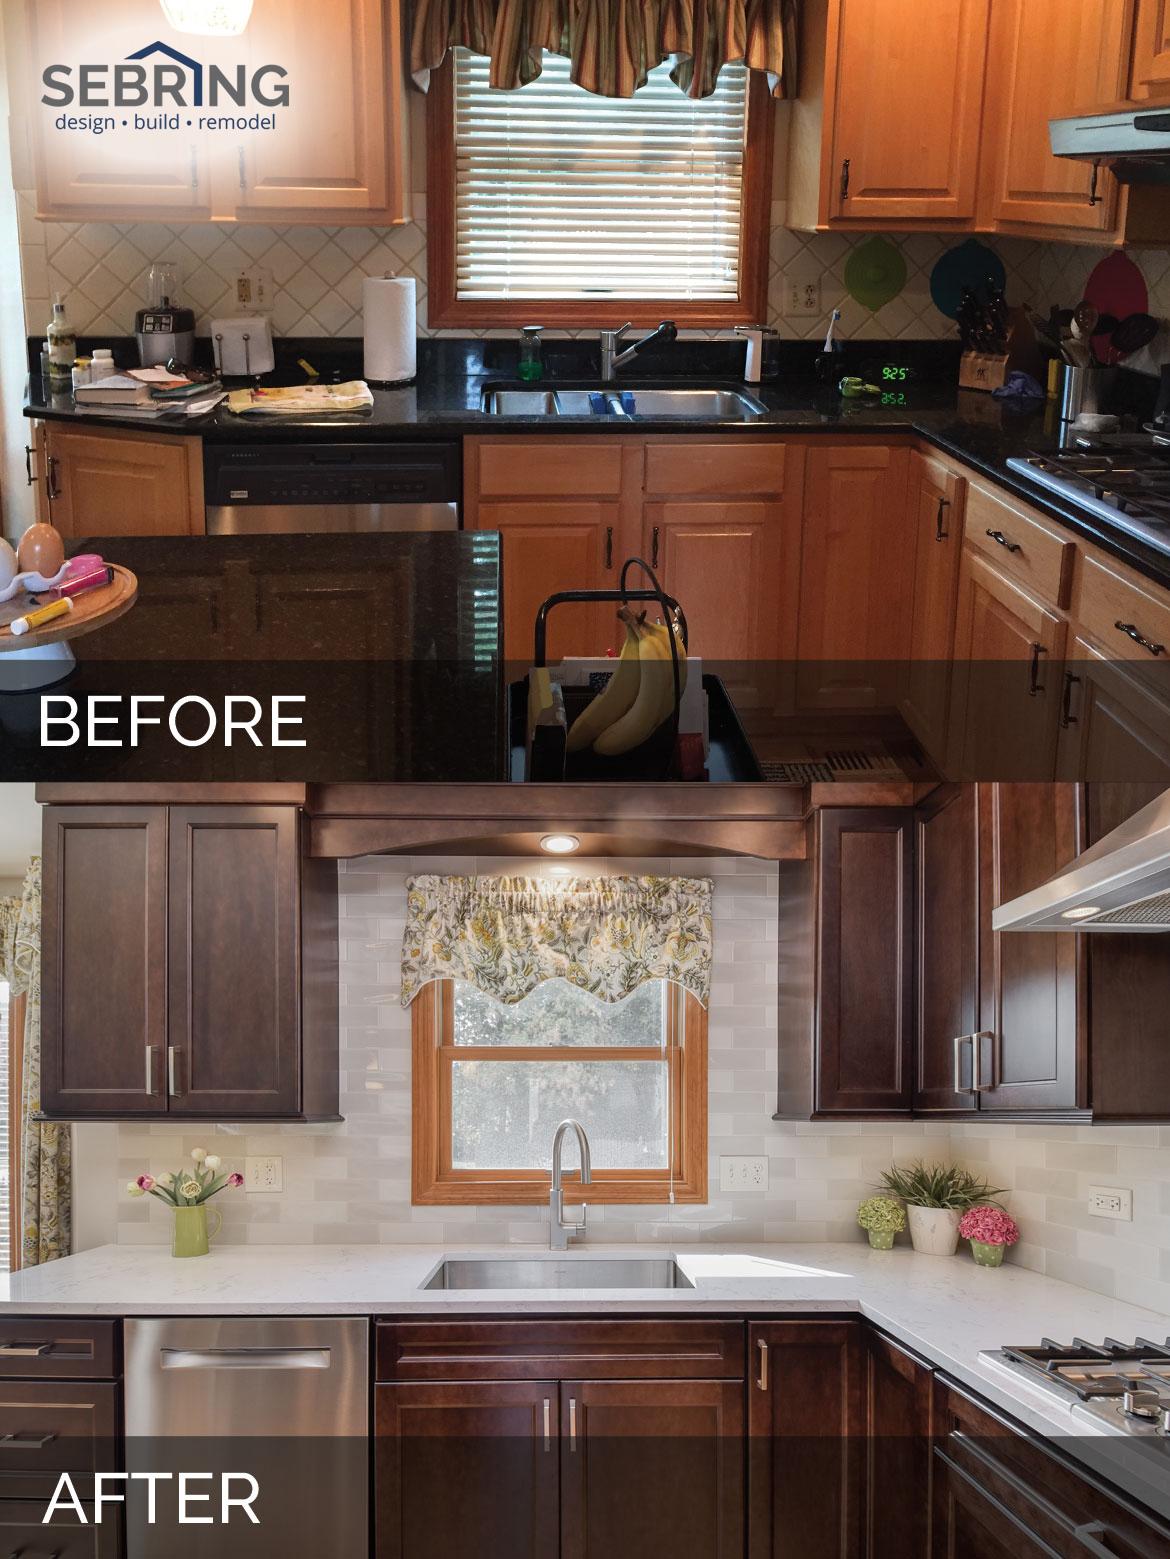 Kitchen Remodel Lisle Before & After - Sebring Design Build